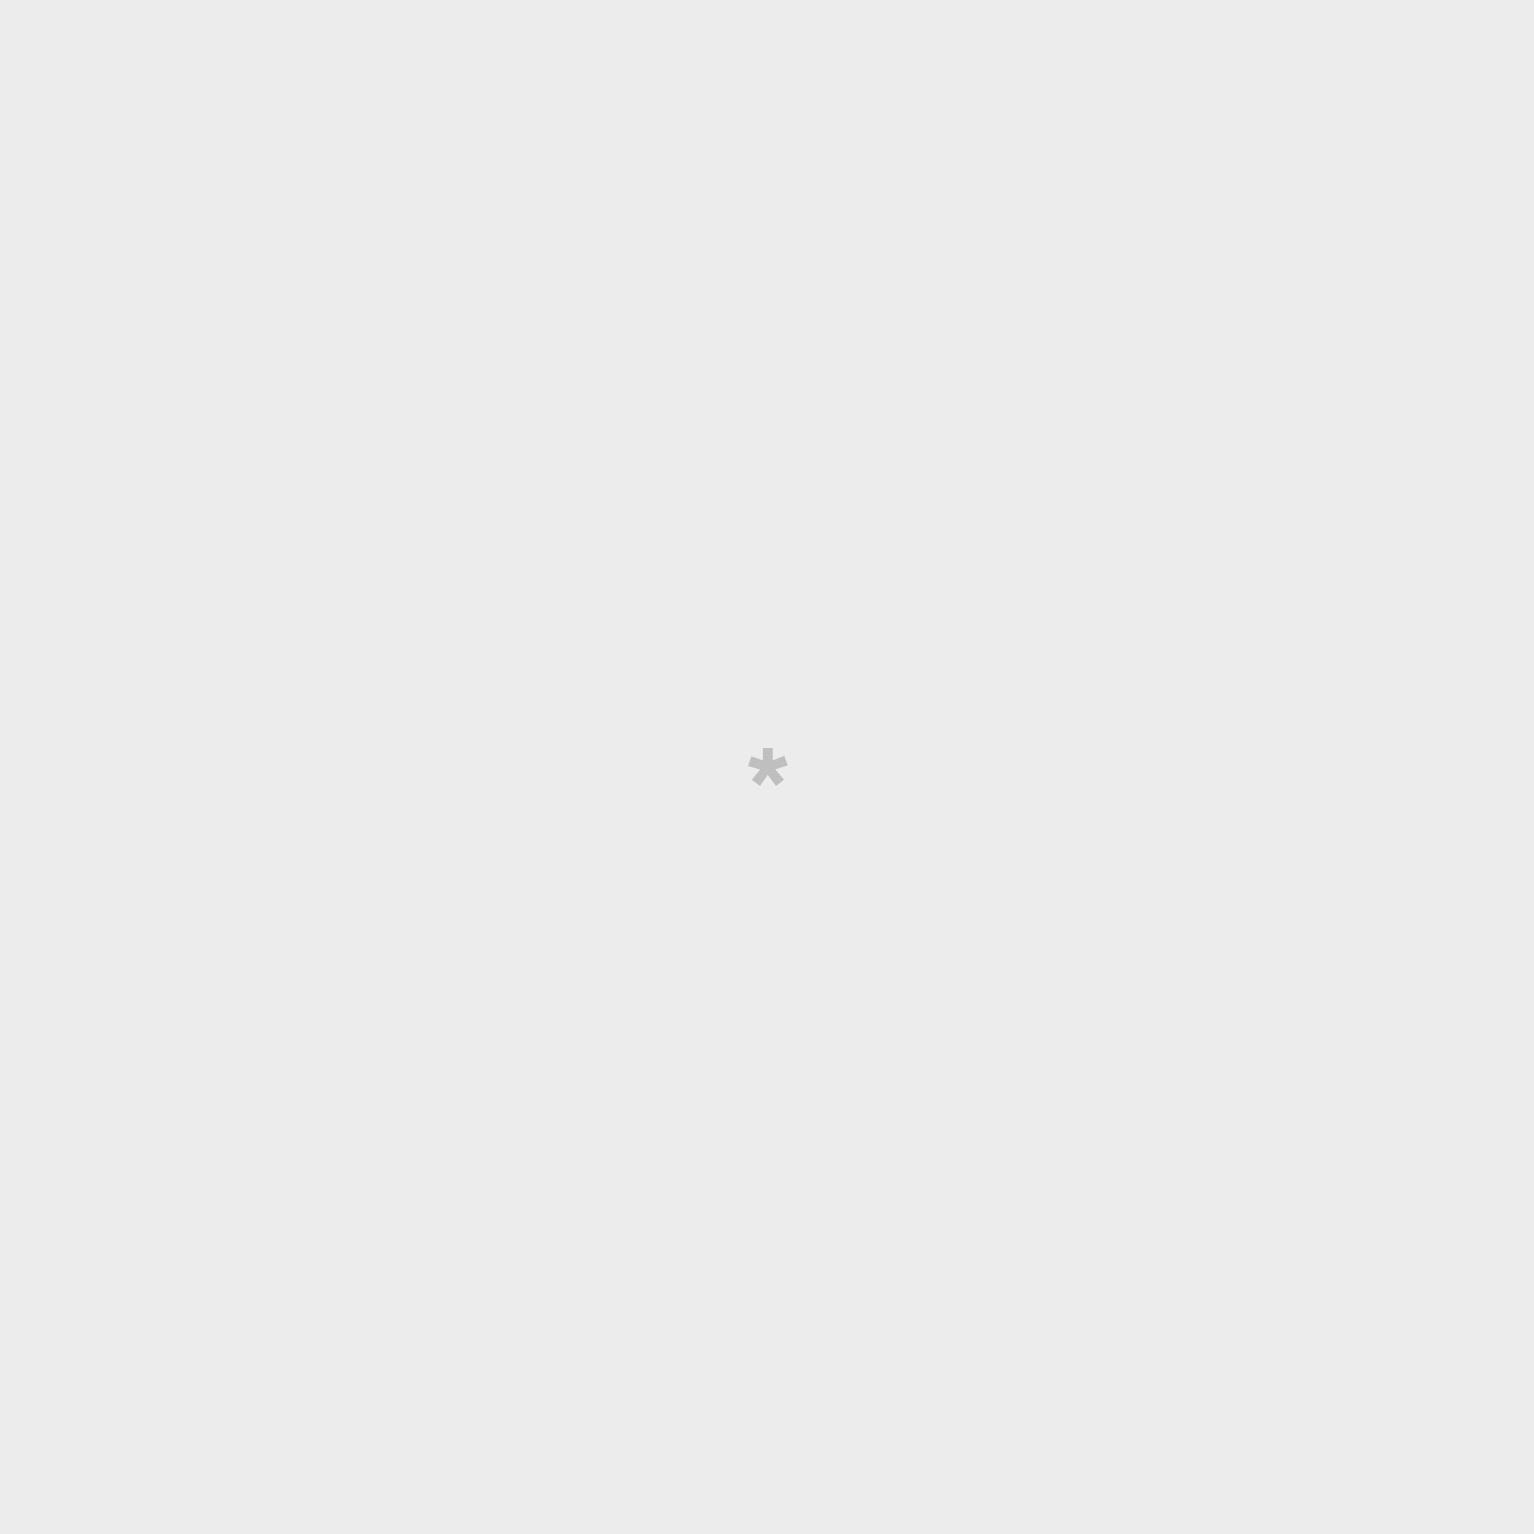 Rollo de papel pintado wonder - Buenos días y buenas noches (Color Blanco-rosal)